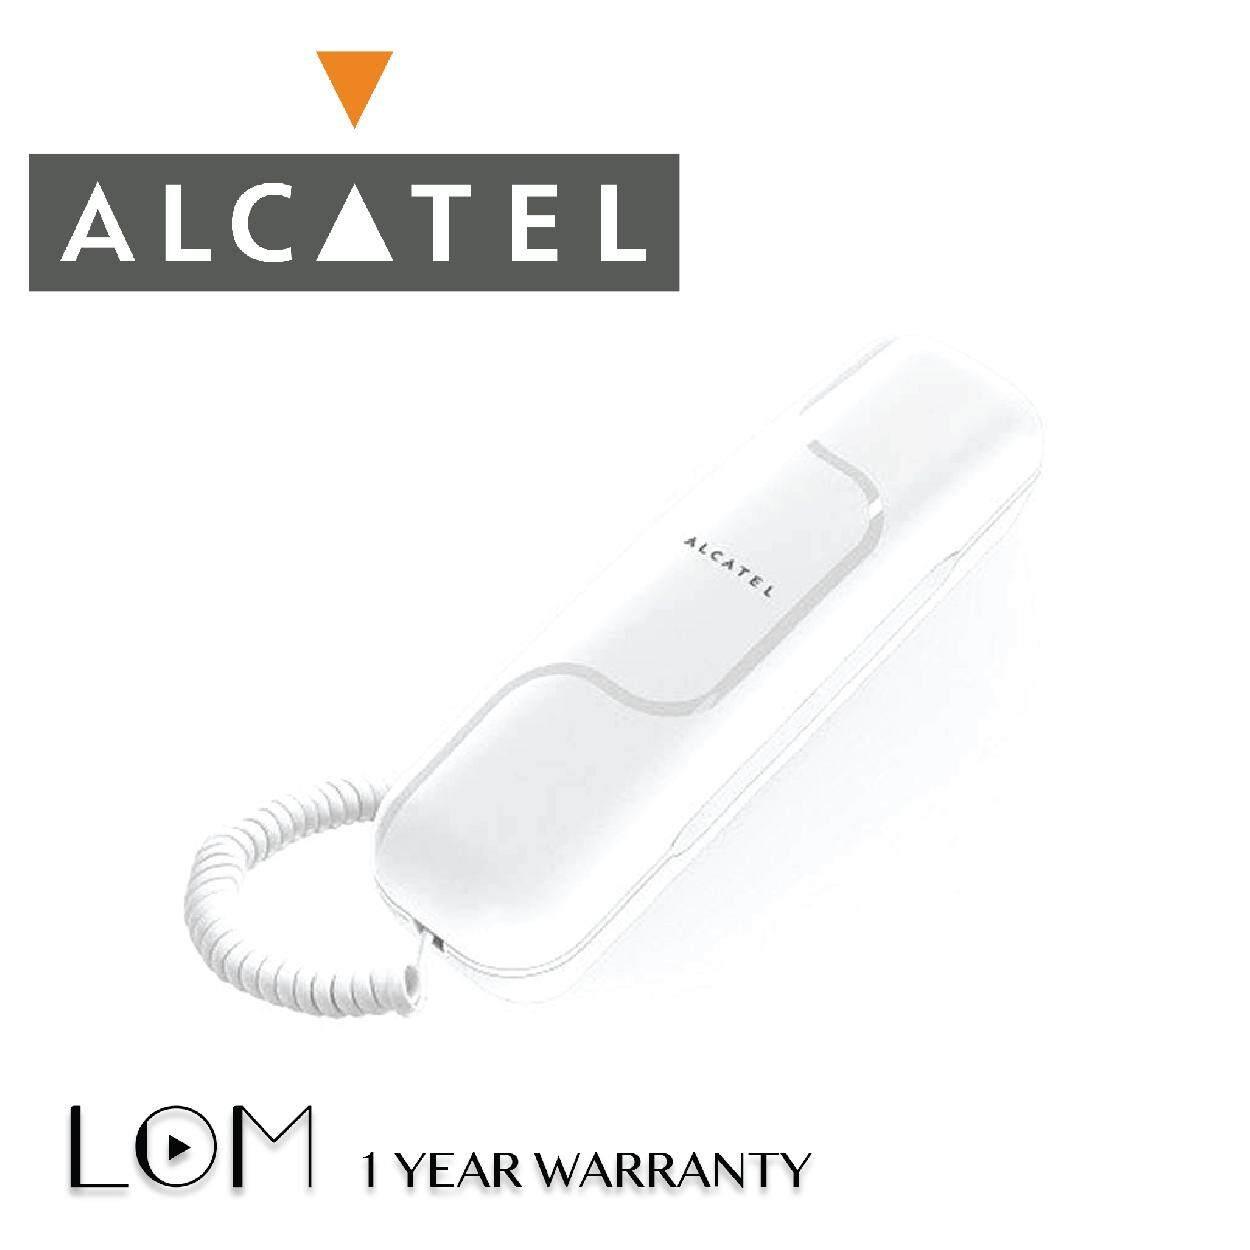 Fitur Alcatel Caramel Flip 2051d Putih Dan Harga Terbaru Info T06